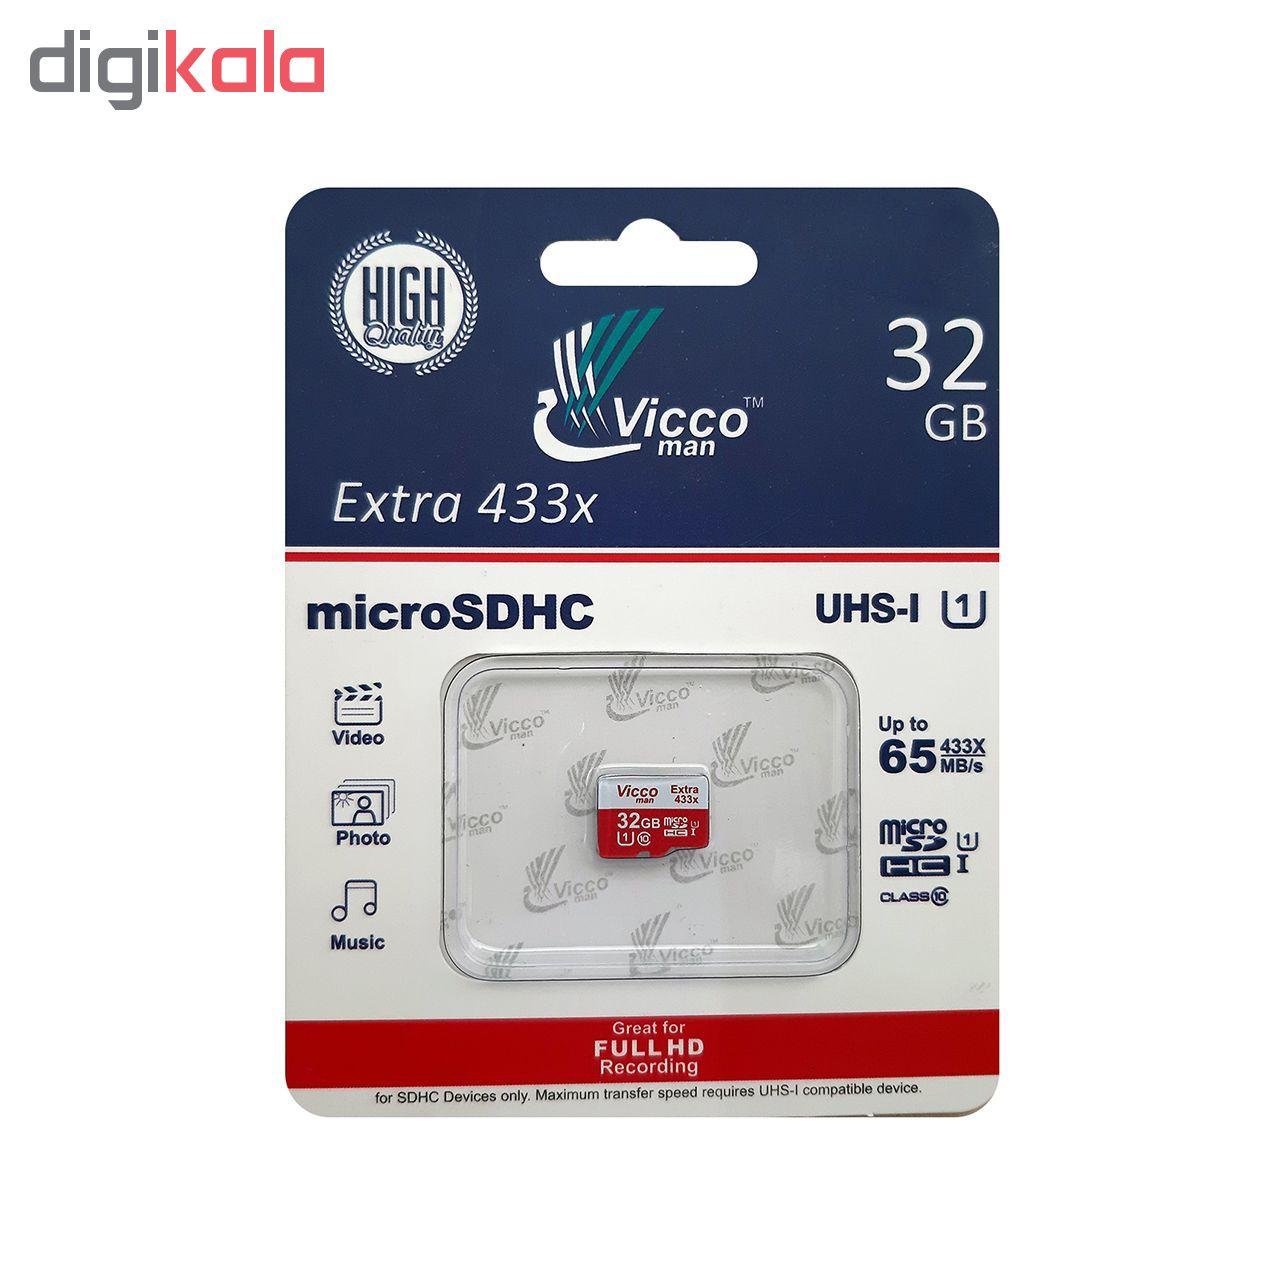 کارت حافظه microSDHC ویکومن مدل Extra 433X کلاس 10 استاندارد UHS-I U1 سرعت 65MBps ظرفیت 32 گیگابایت